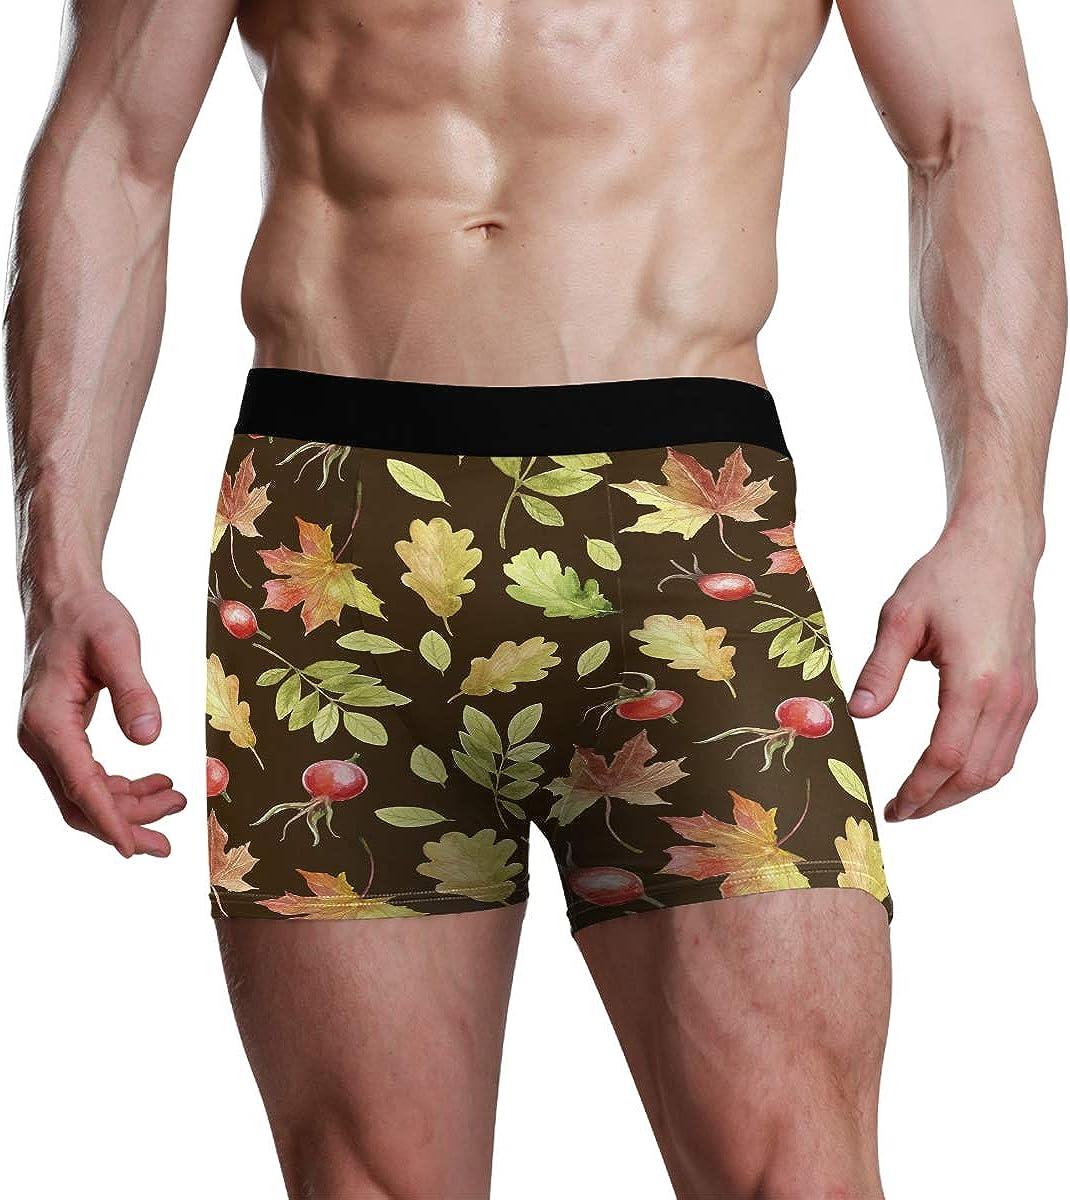 Mens Boxer Briefs Underwear Chic Watercolor Autumn Nature Unique Trunks Underwear Short Leg Boys